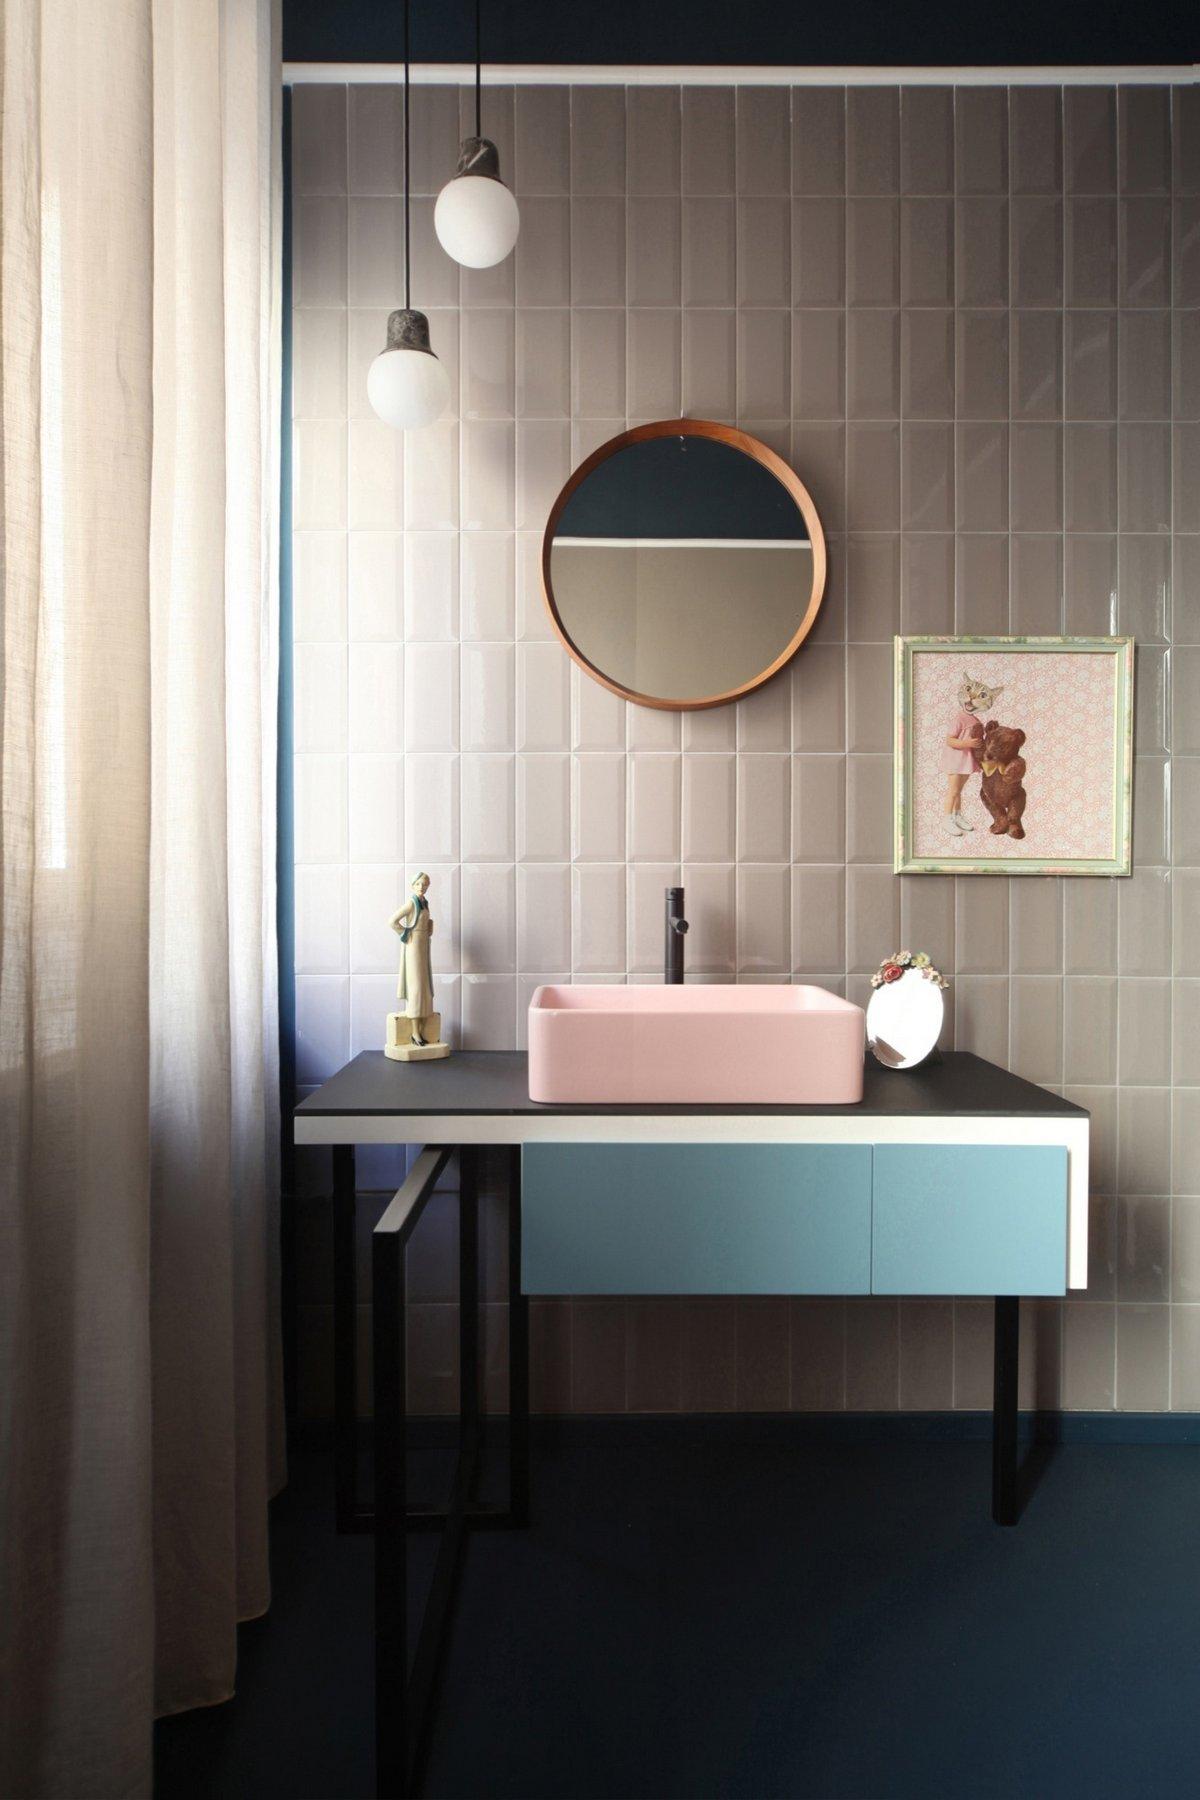 Metaphysical Remix, UdA, современный стиль оформления квартиры, оформление большой квартиры, дизайн большой квартиры фото, современный дизайн детской комнаты